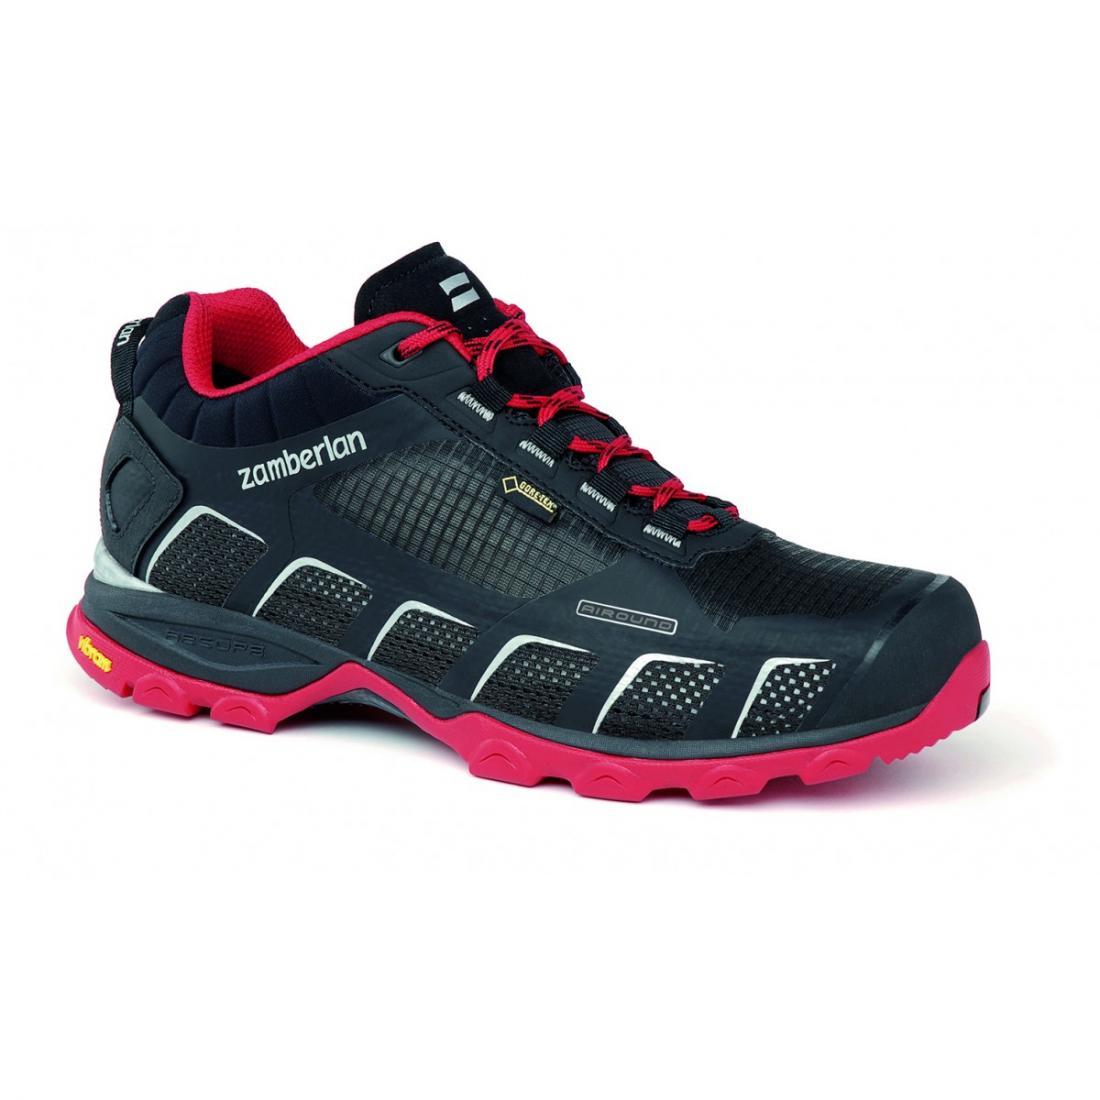 Кроссовки 132 AIR-ROUND GTX RRХайкинговые<br>Стильные ботинки средней высоты для легкого и уверенного движения по горным тропам. Комфортная посадка этих ботинок усовершенствована з...<br><br>Цвет: Черный<br>Размер: 43